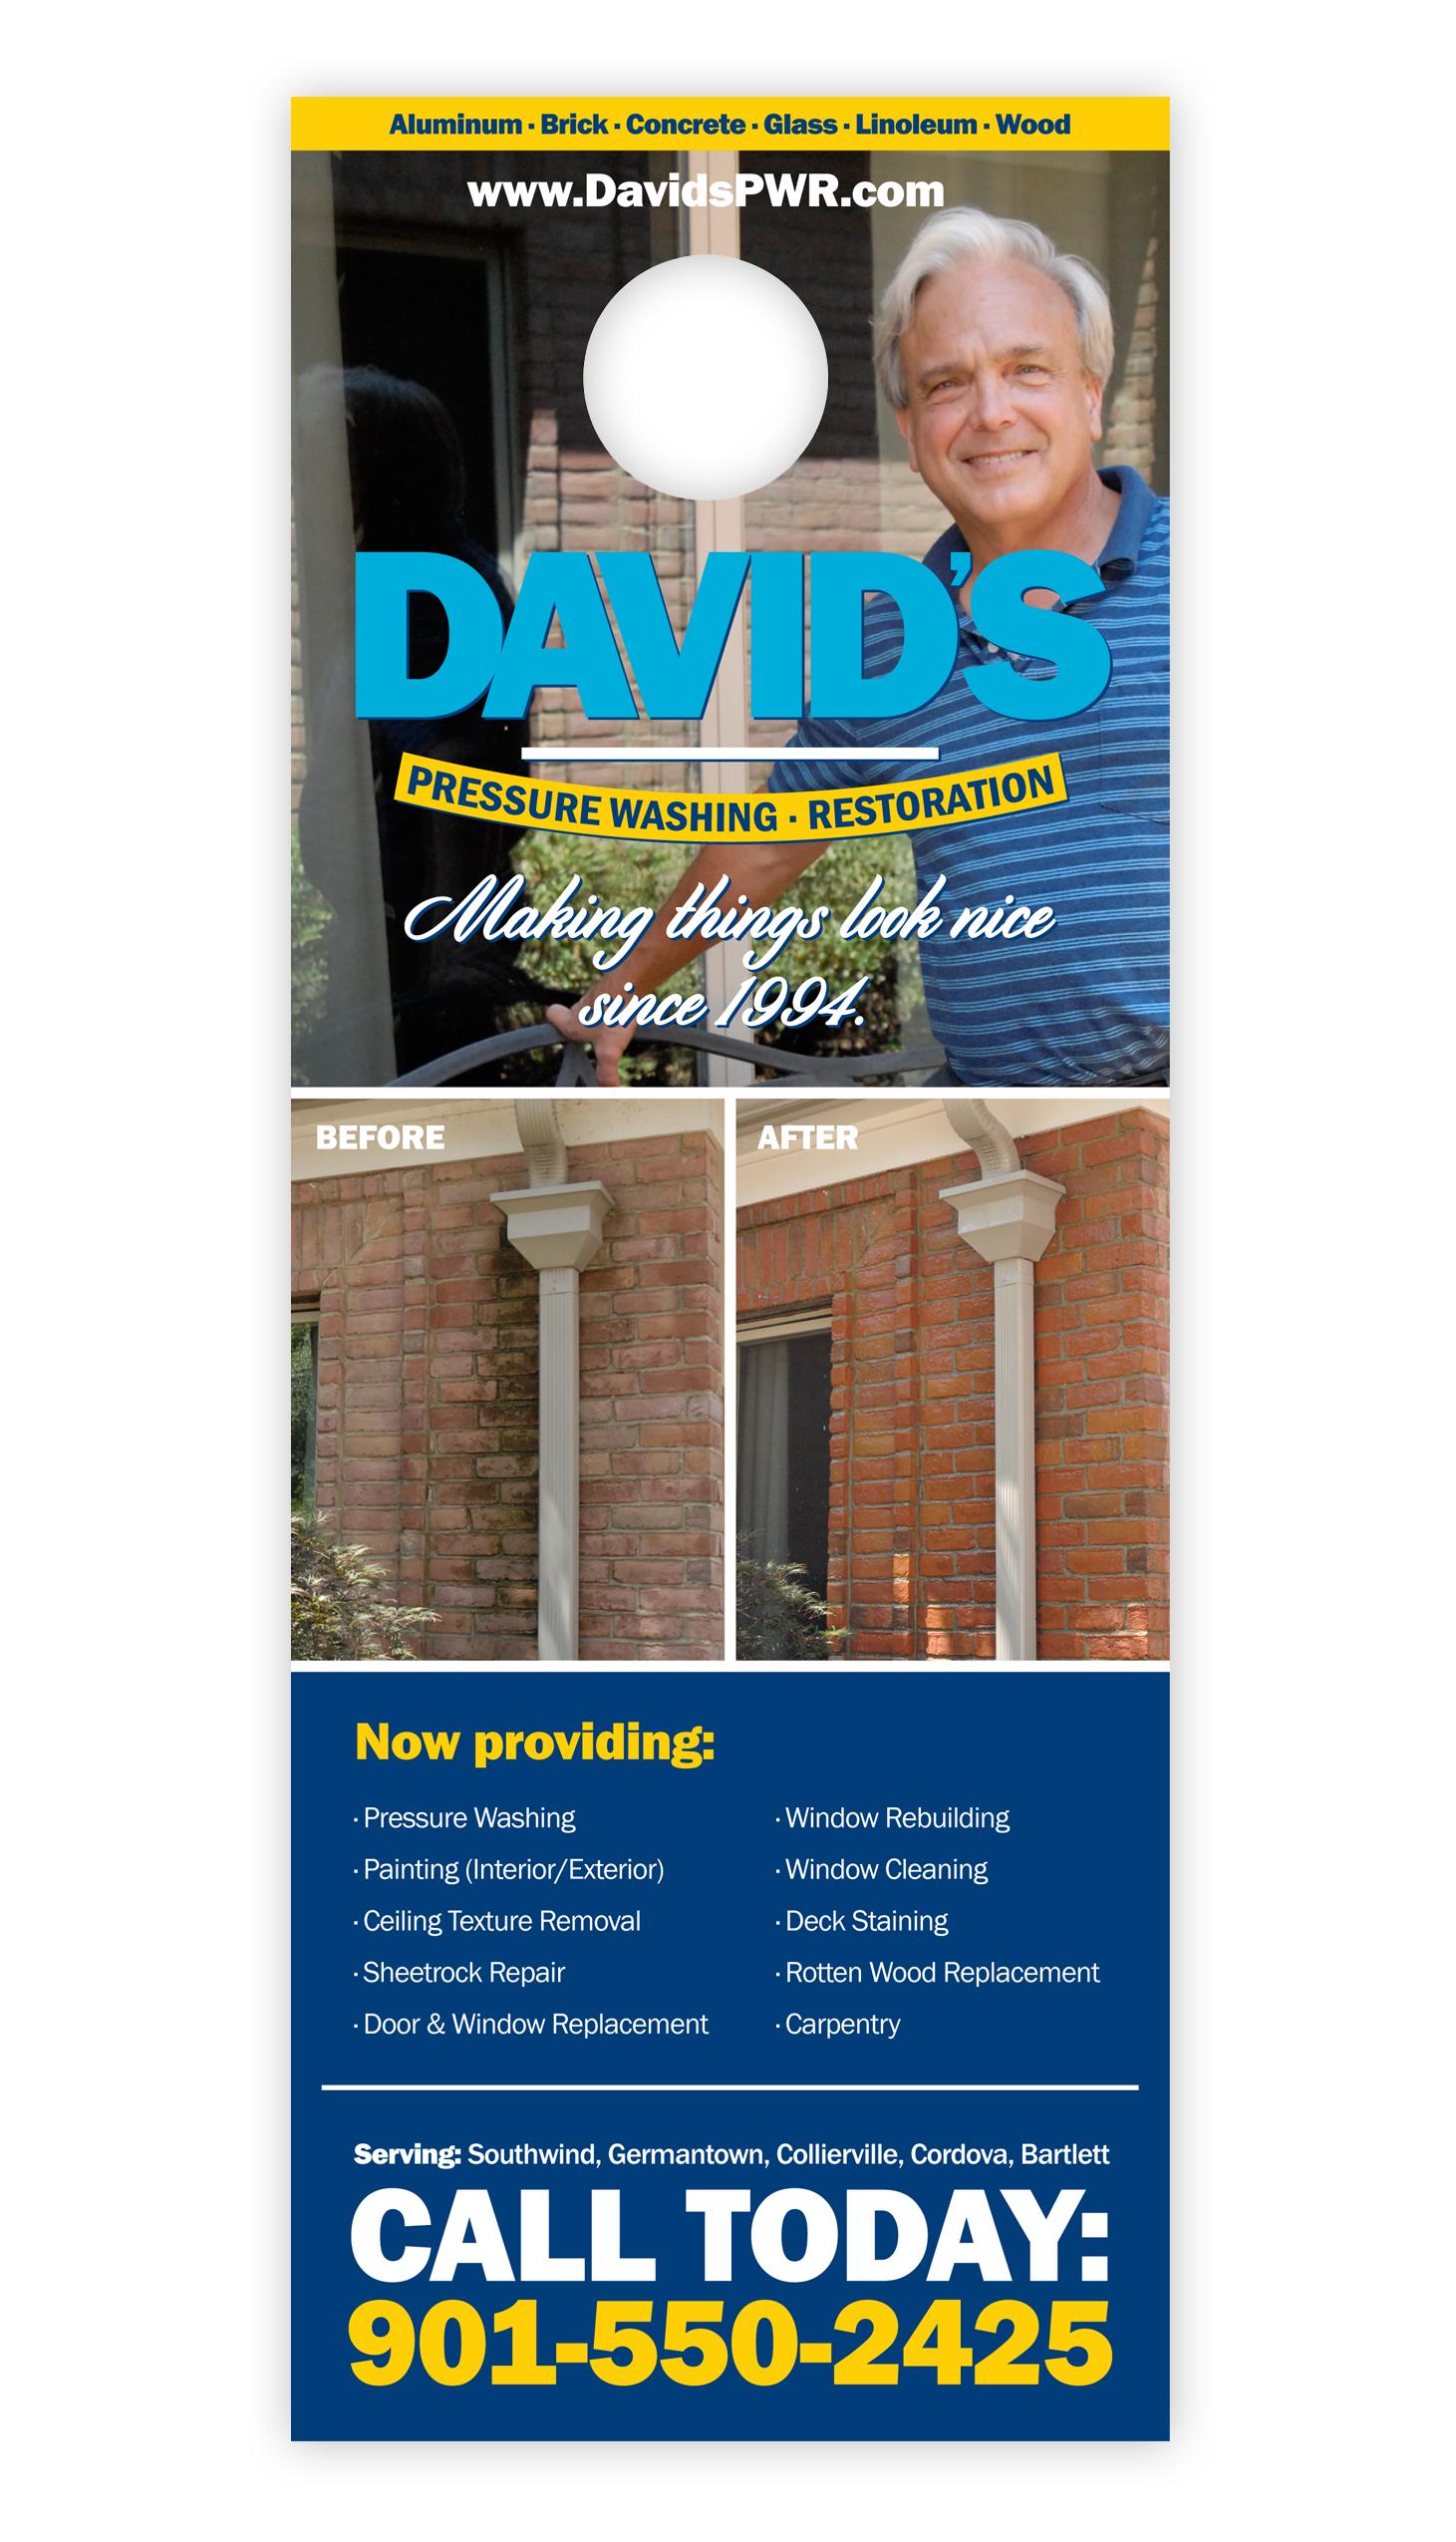 Davids-Power-Washing-and-Restoration_Door-Hanger_Print-Design_Dreamcapture_Memphis-TN